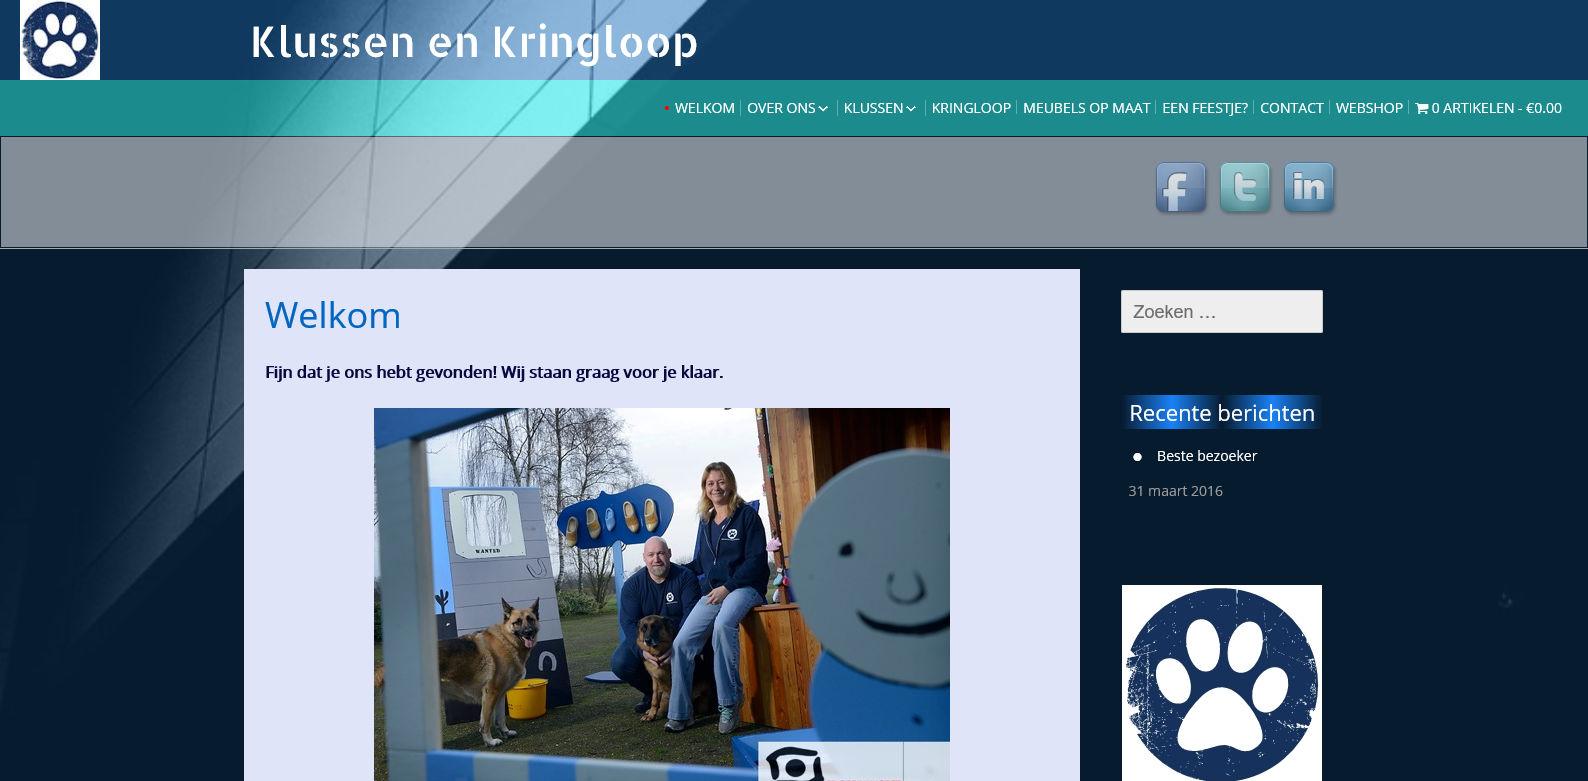 Klussen en Kringloop